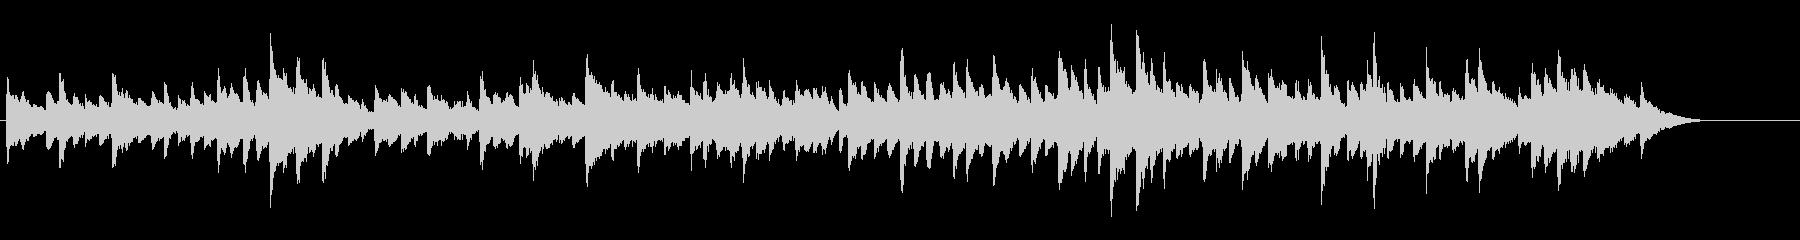 ソナタ「悲愴」第2楽章(ベートーヴェン)の未再生の波形